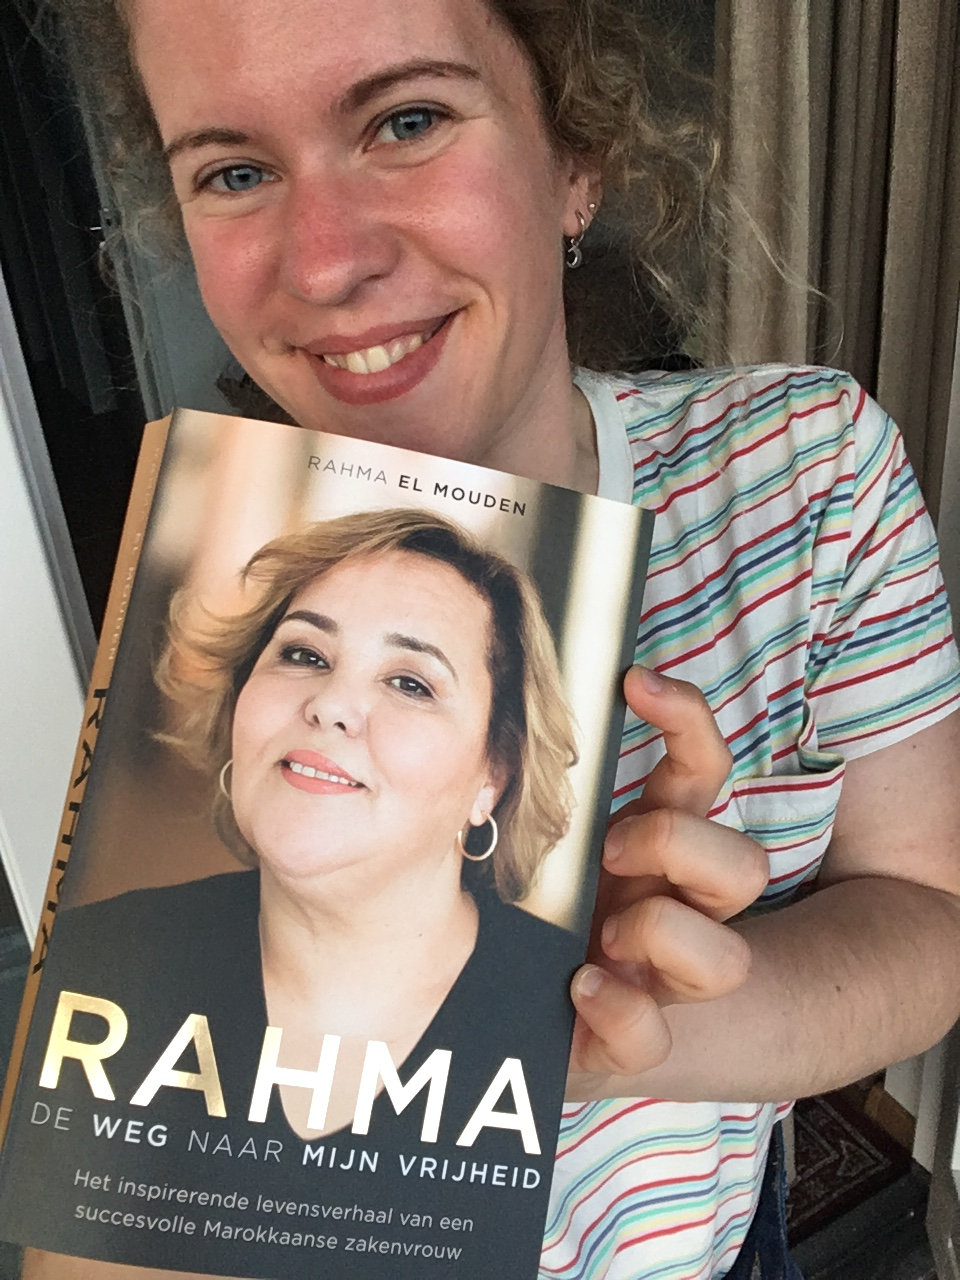 rahma-el-mouden-de-weg-naar-mijn-vrijheid